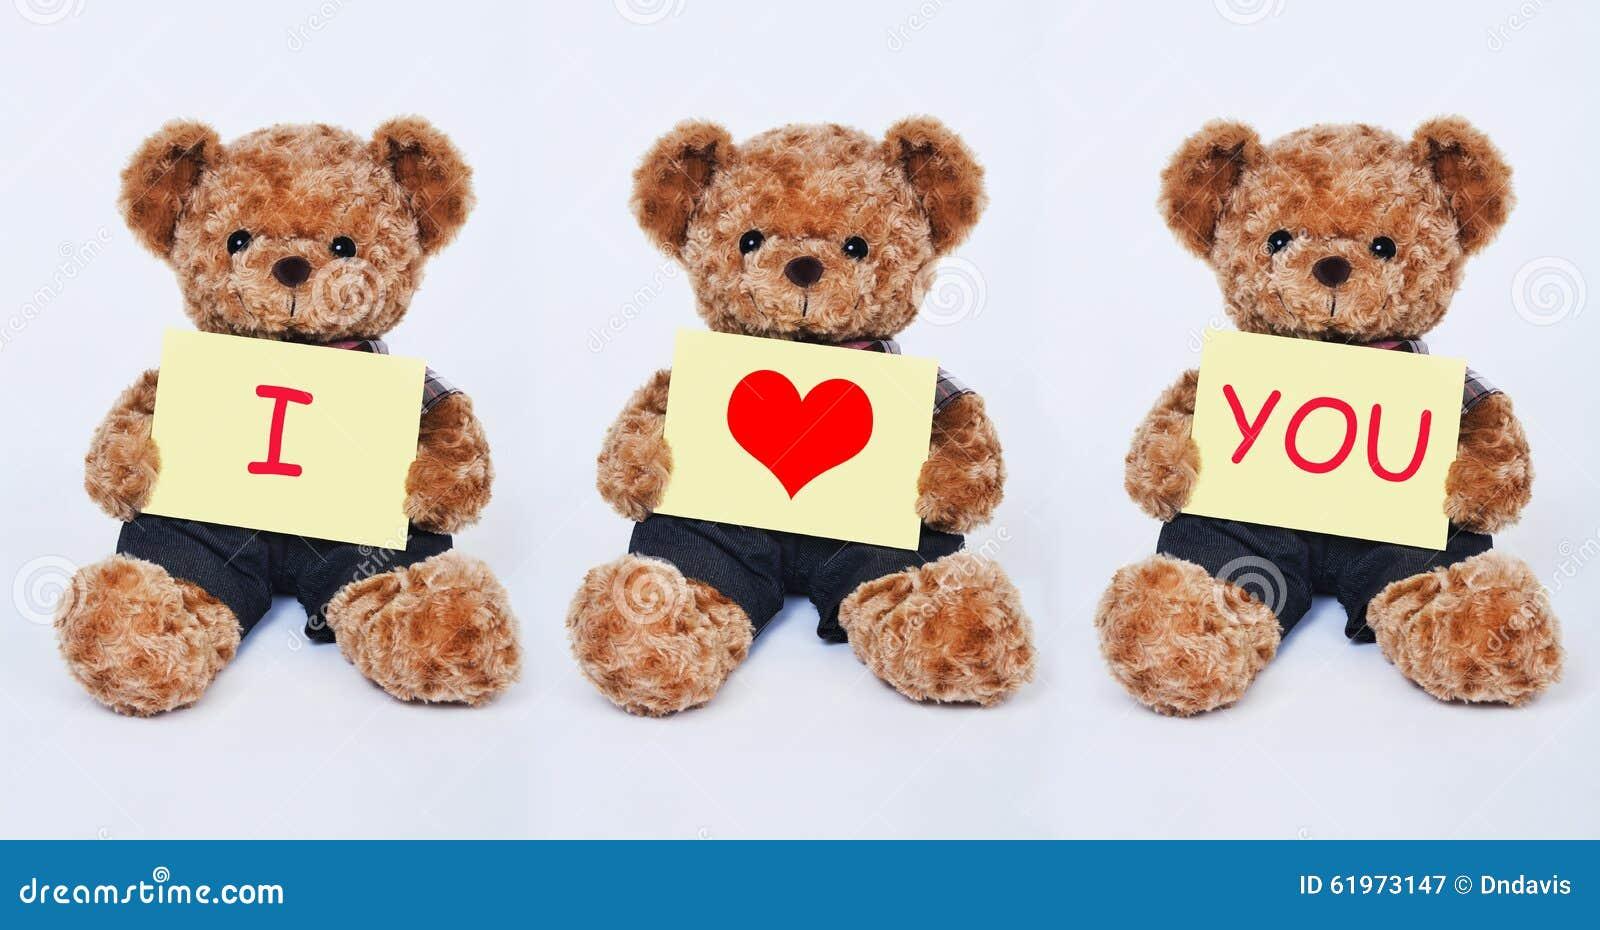 i love you teddy bear stock photos 524 images